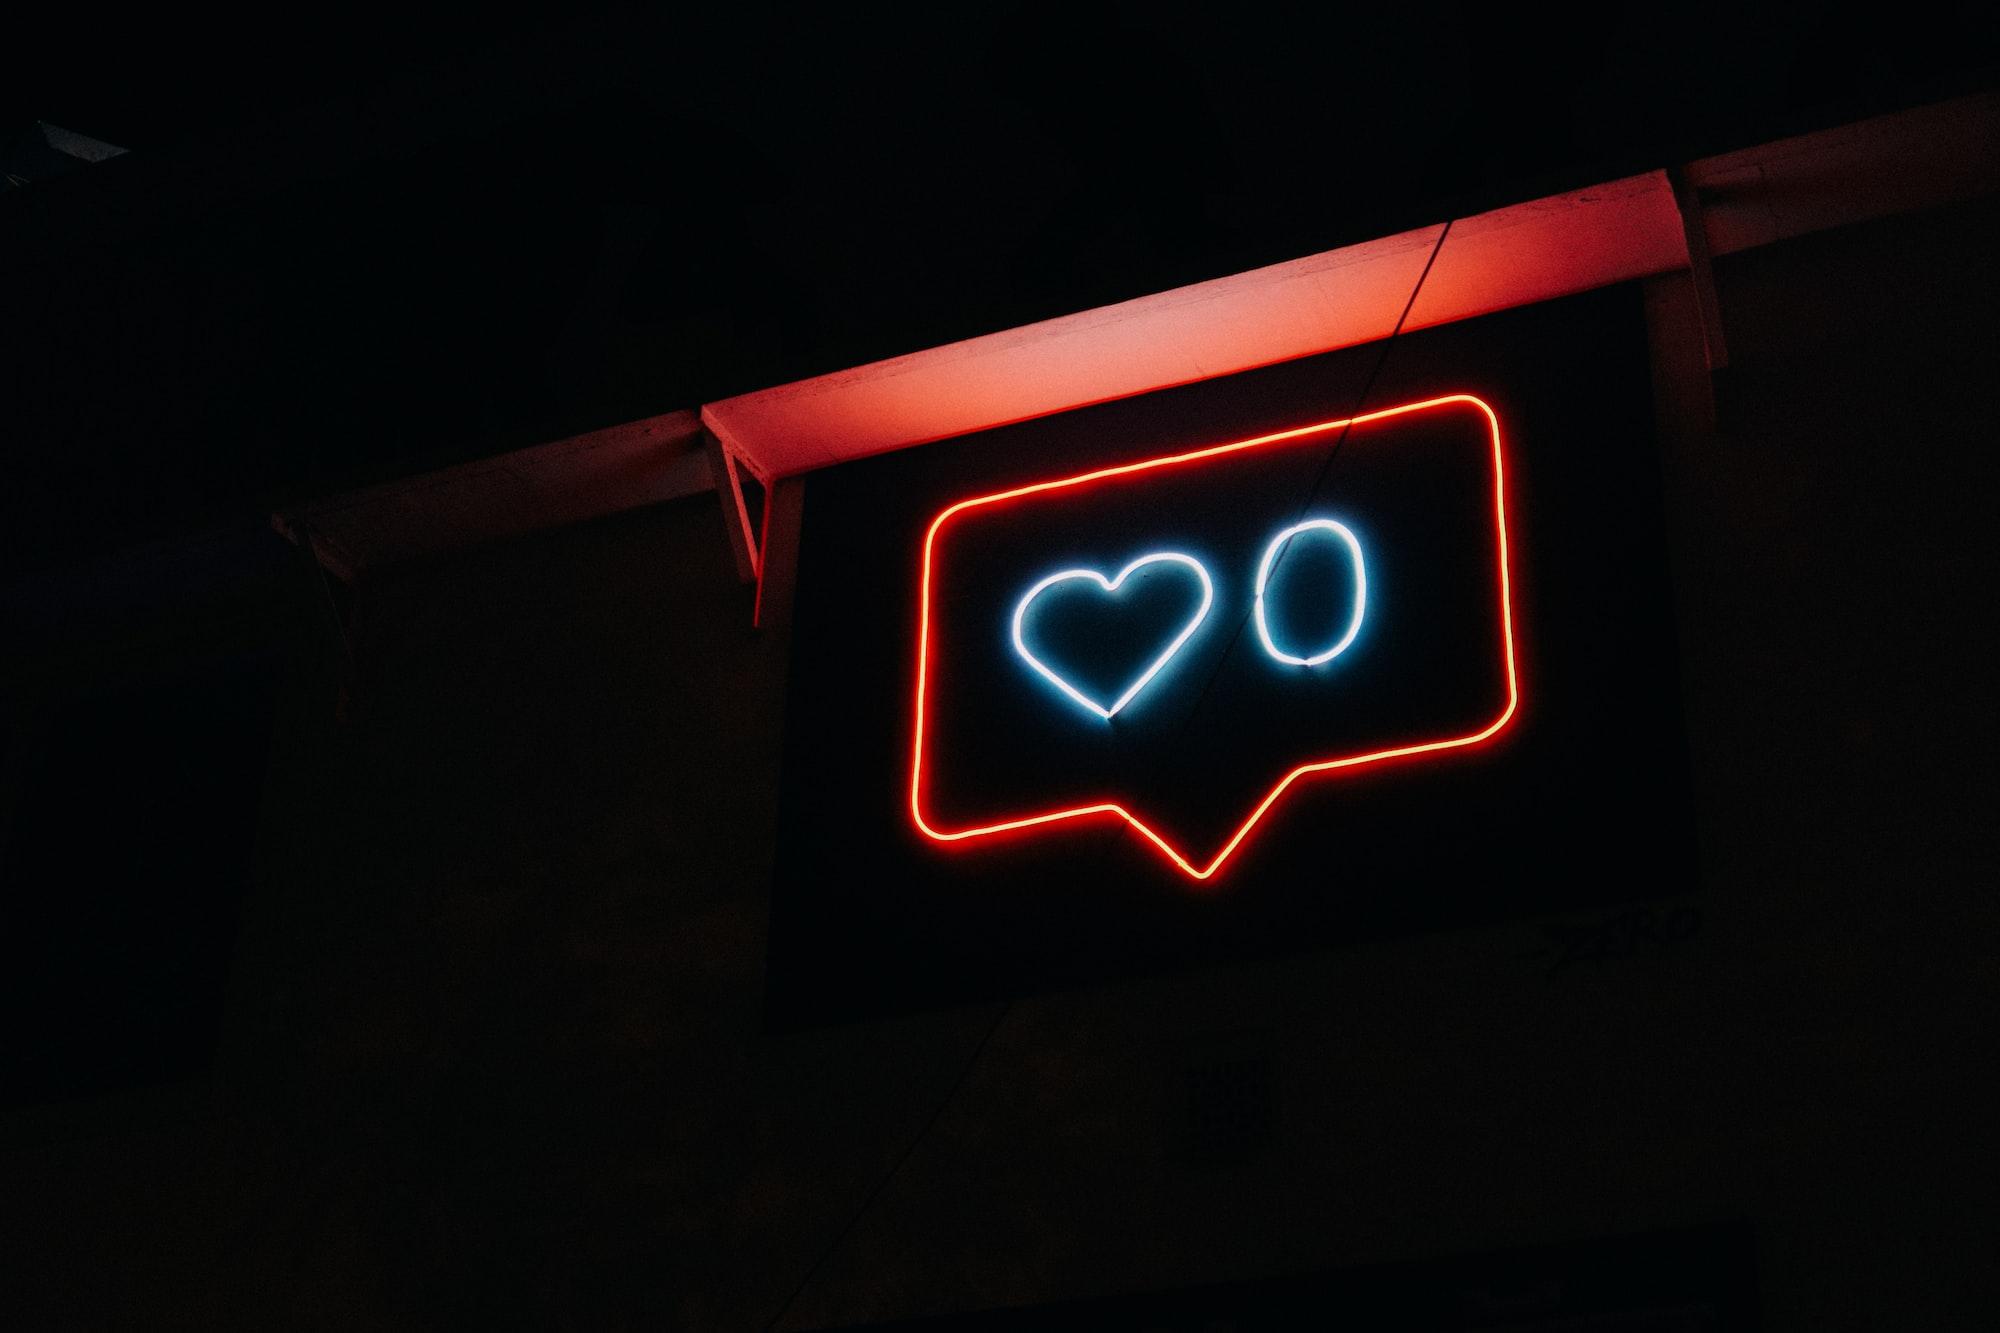 Diversão digital: comportamentos de usuários de redes sociais